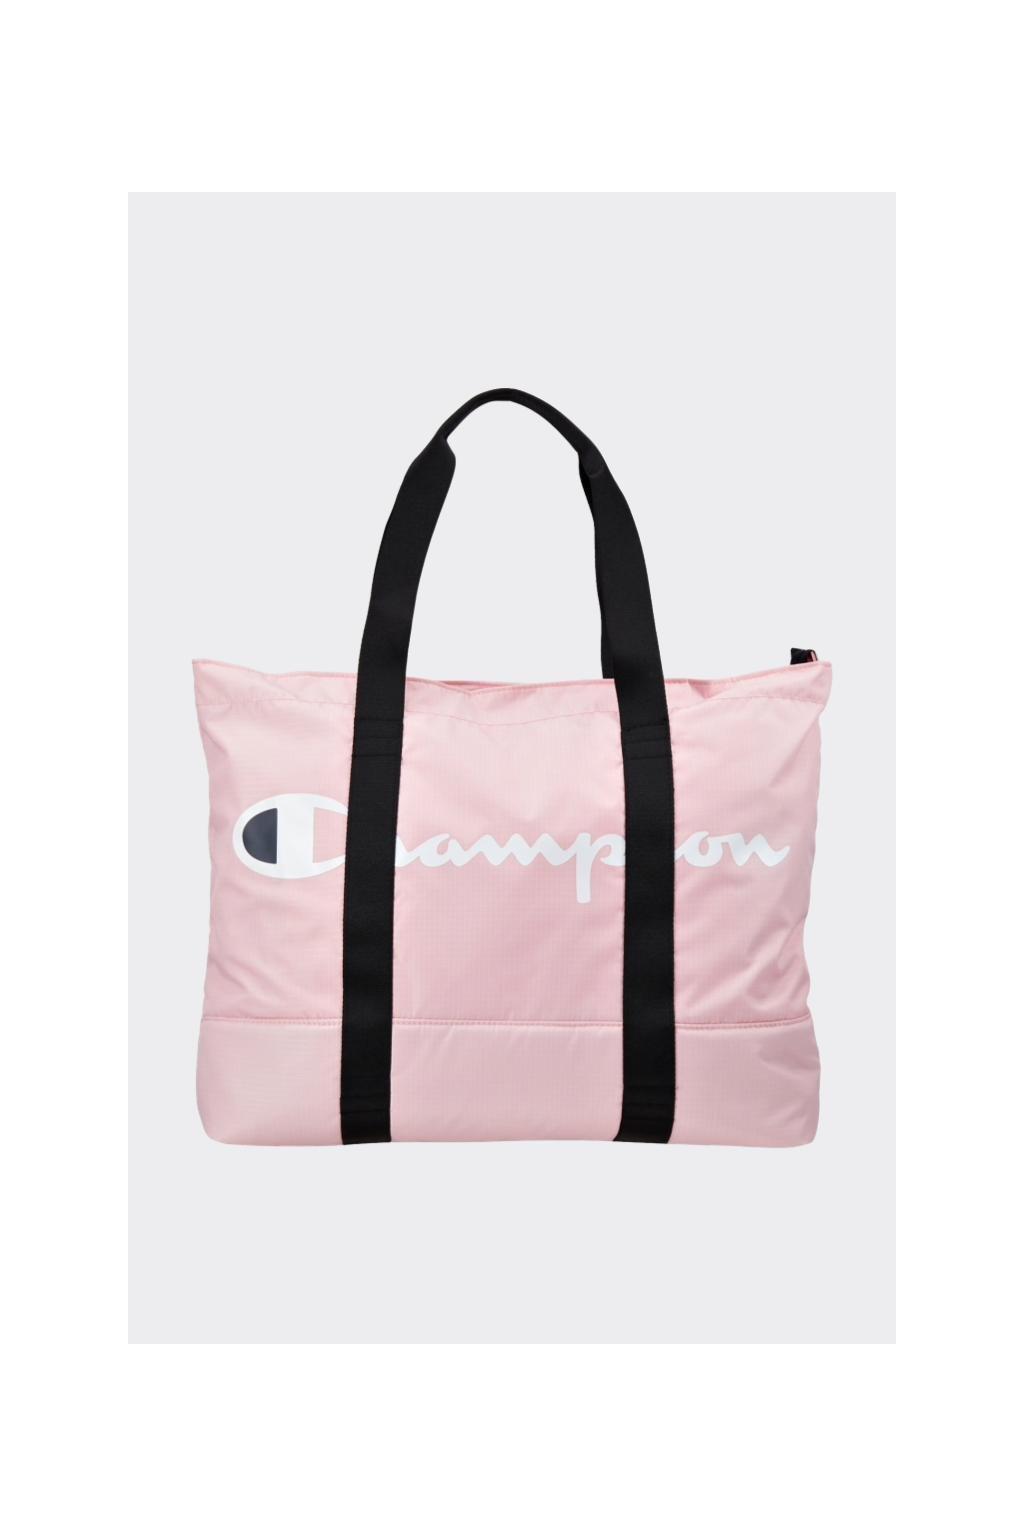 Champion taška s logem - světle růžová